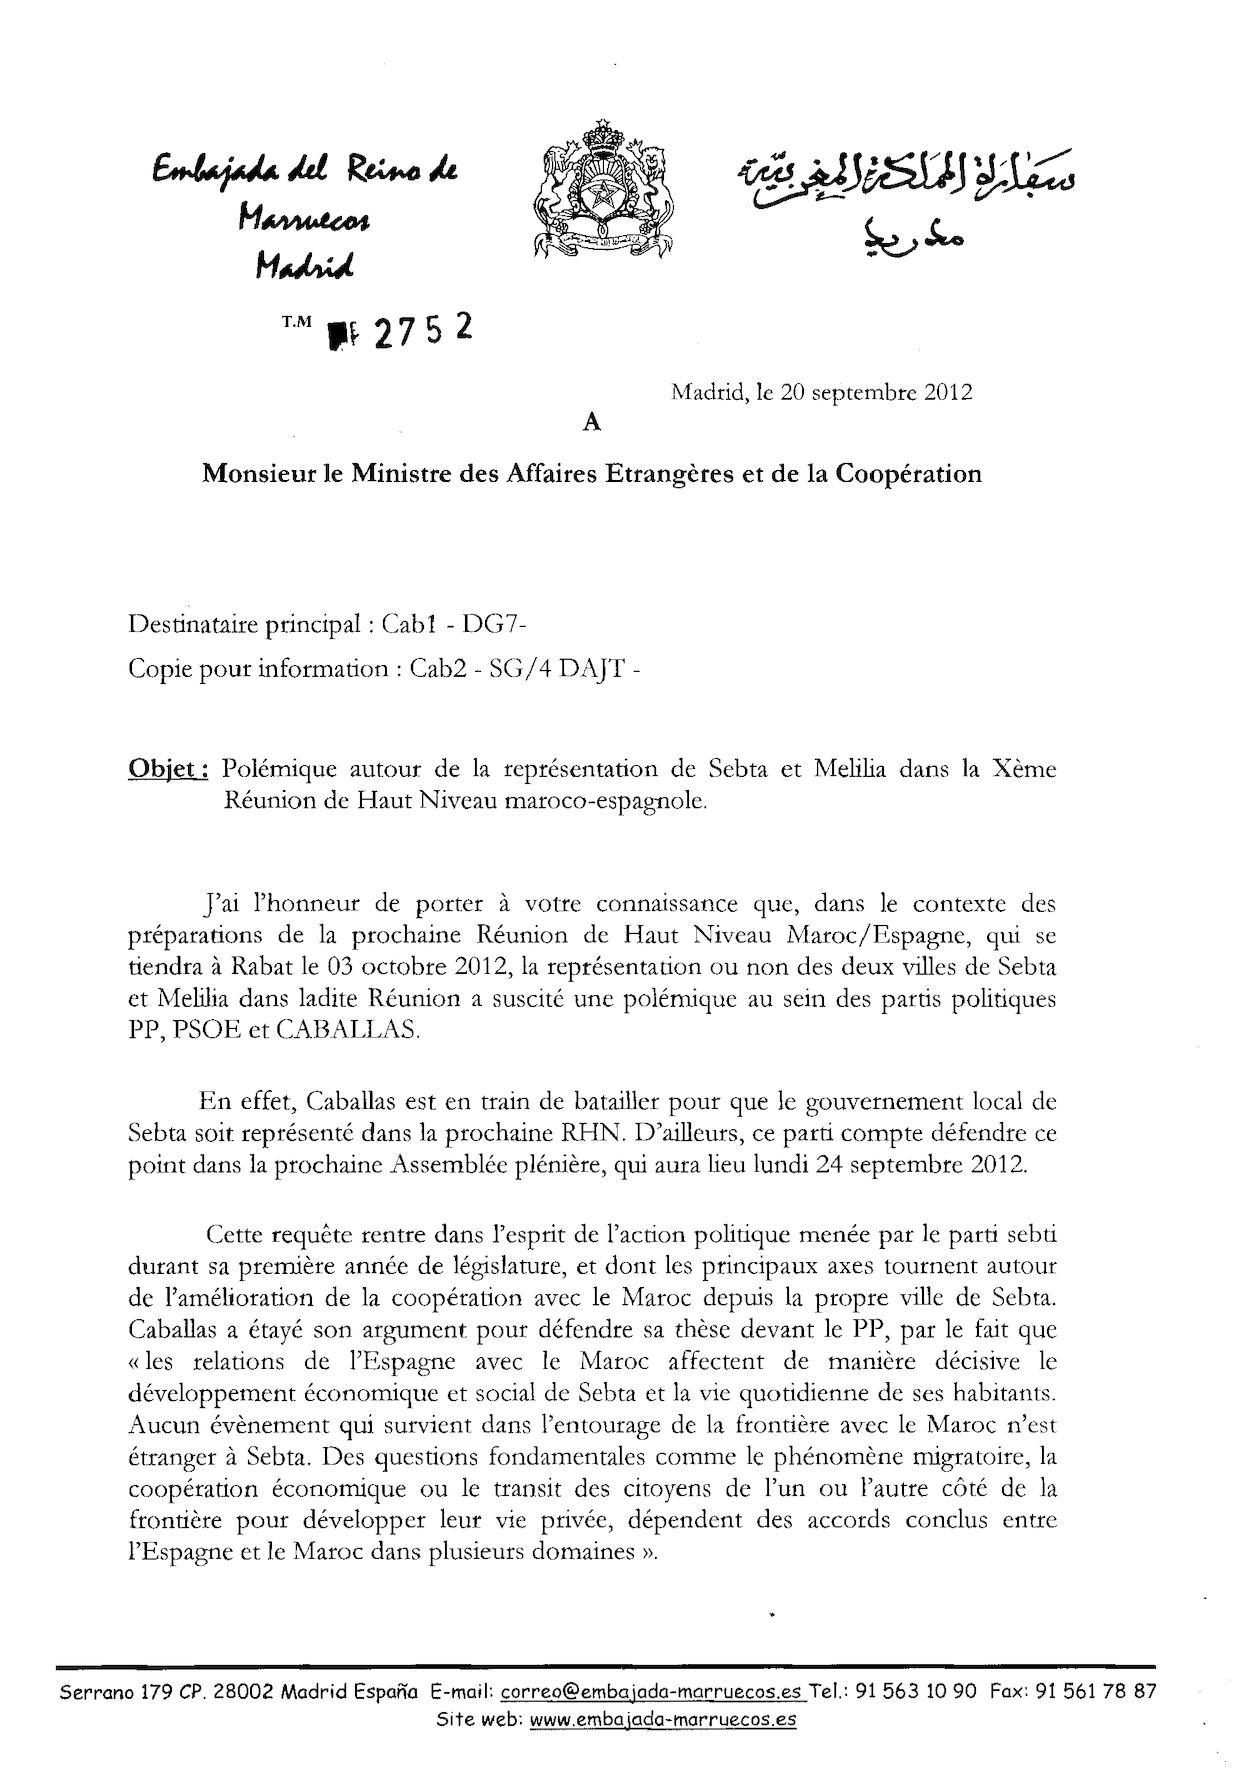 Polémique Autour De La Resprésentation De Septa Et Melilia Dans La Xème Rhnme2